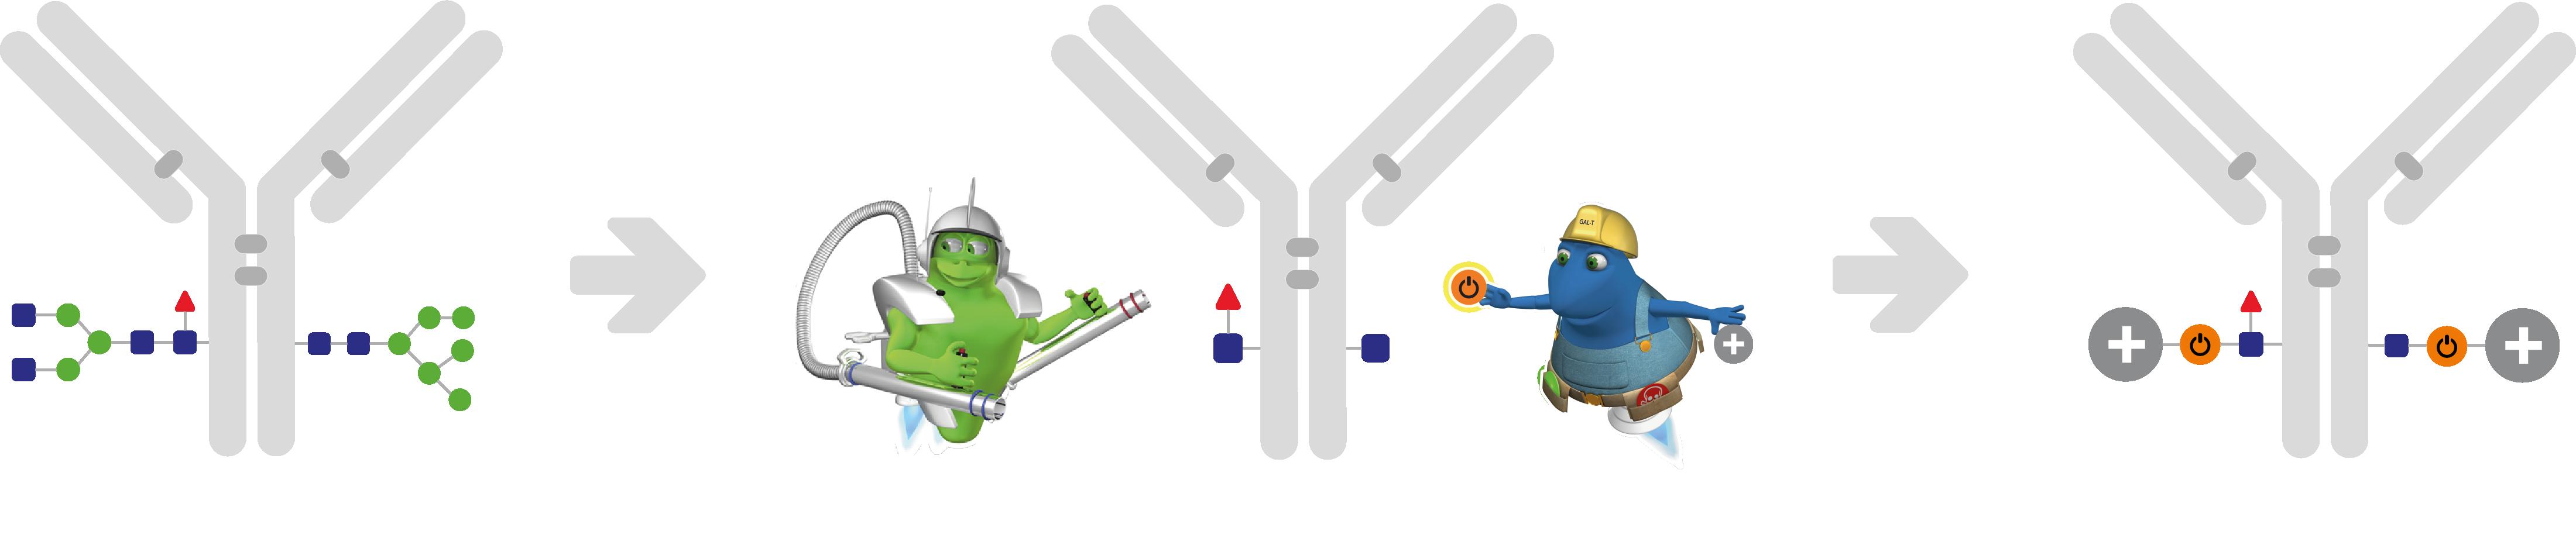 Antibody conjugation - Glyclick Workflow